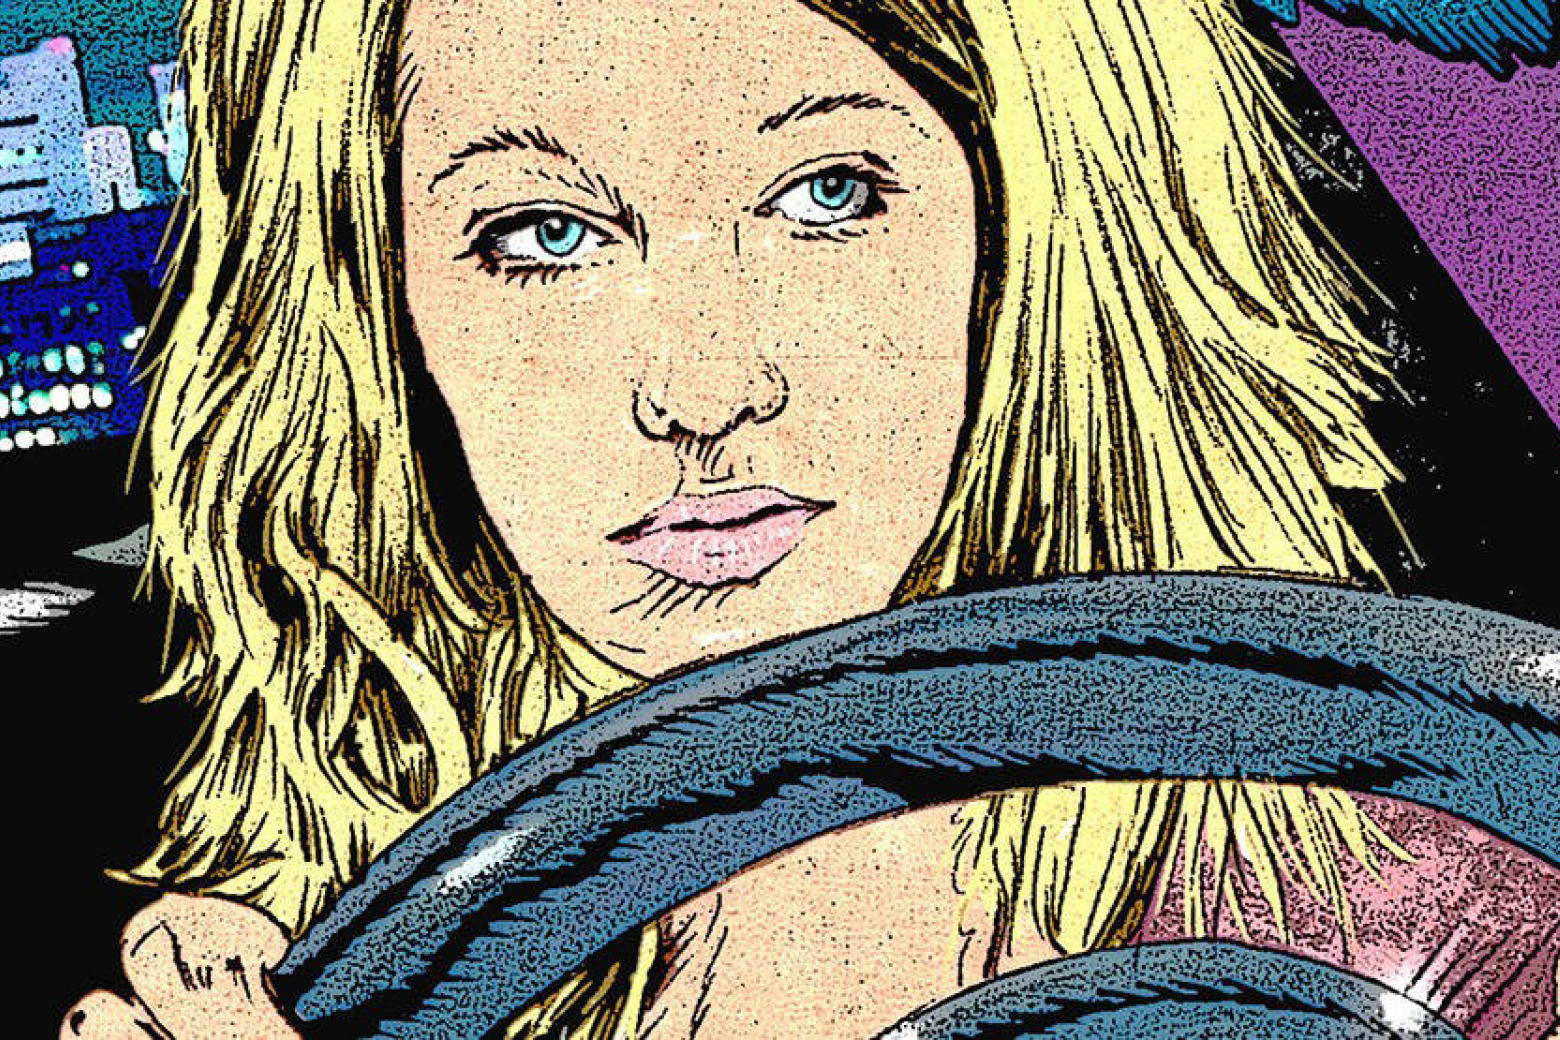 Eine blonde Frau, gezeichnet im Comic-Stil, sitzt hinter dem Steuer ihres Autos.